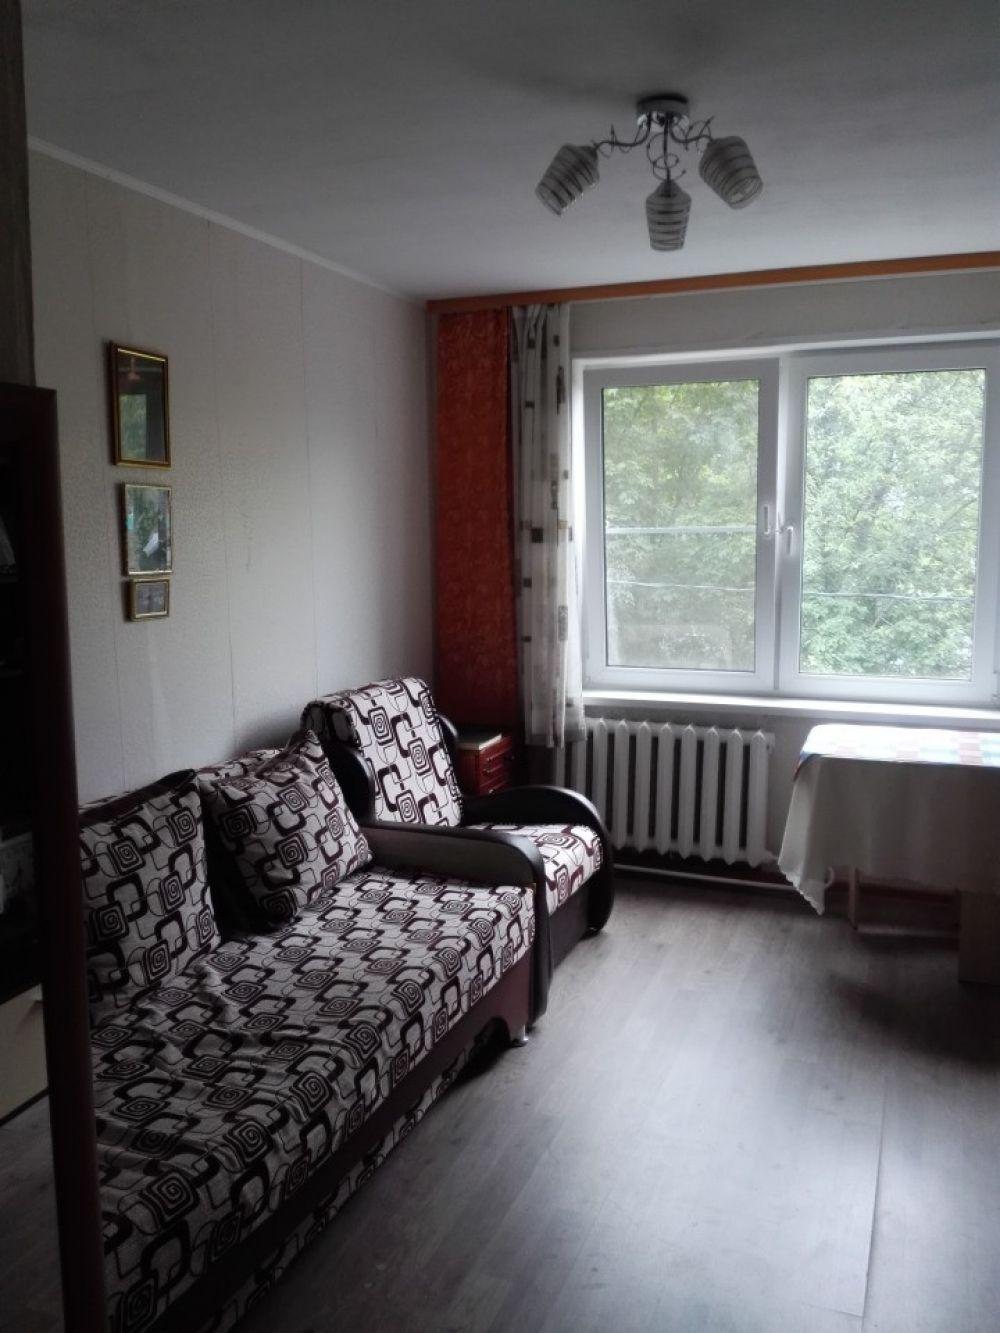 1-к квартира, Щелково, улица Неделина, 15, фото 6